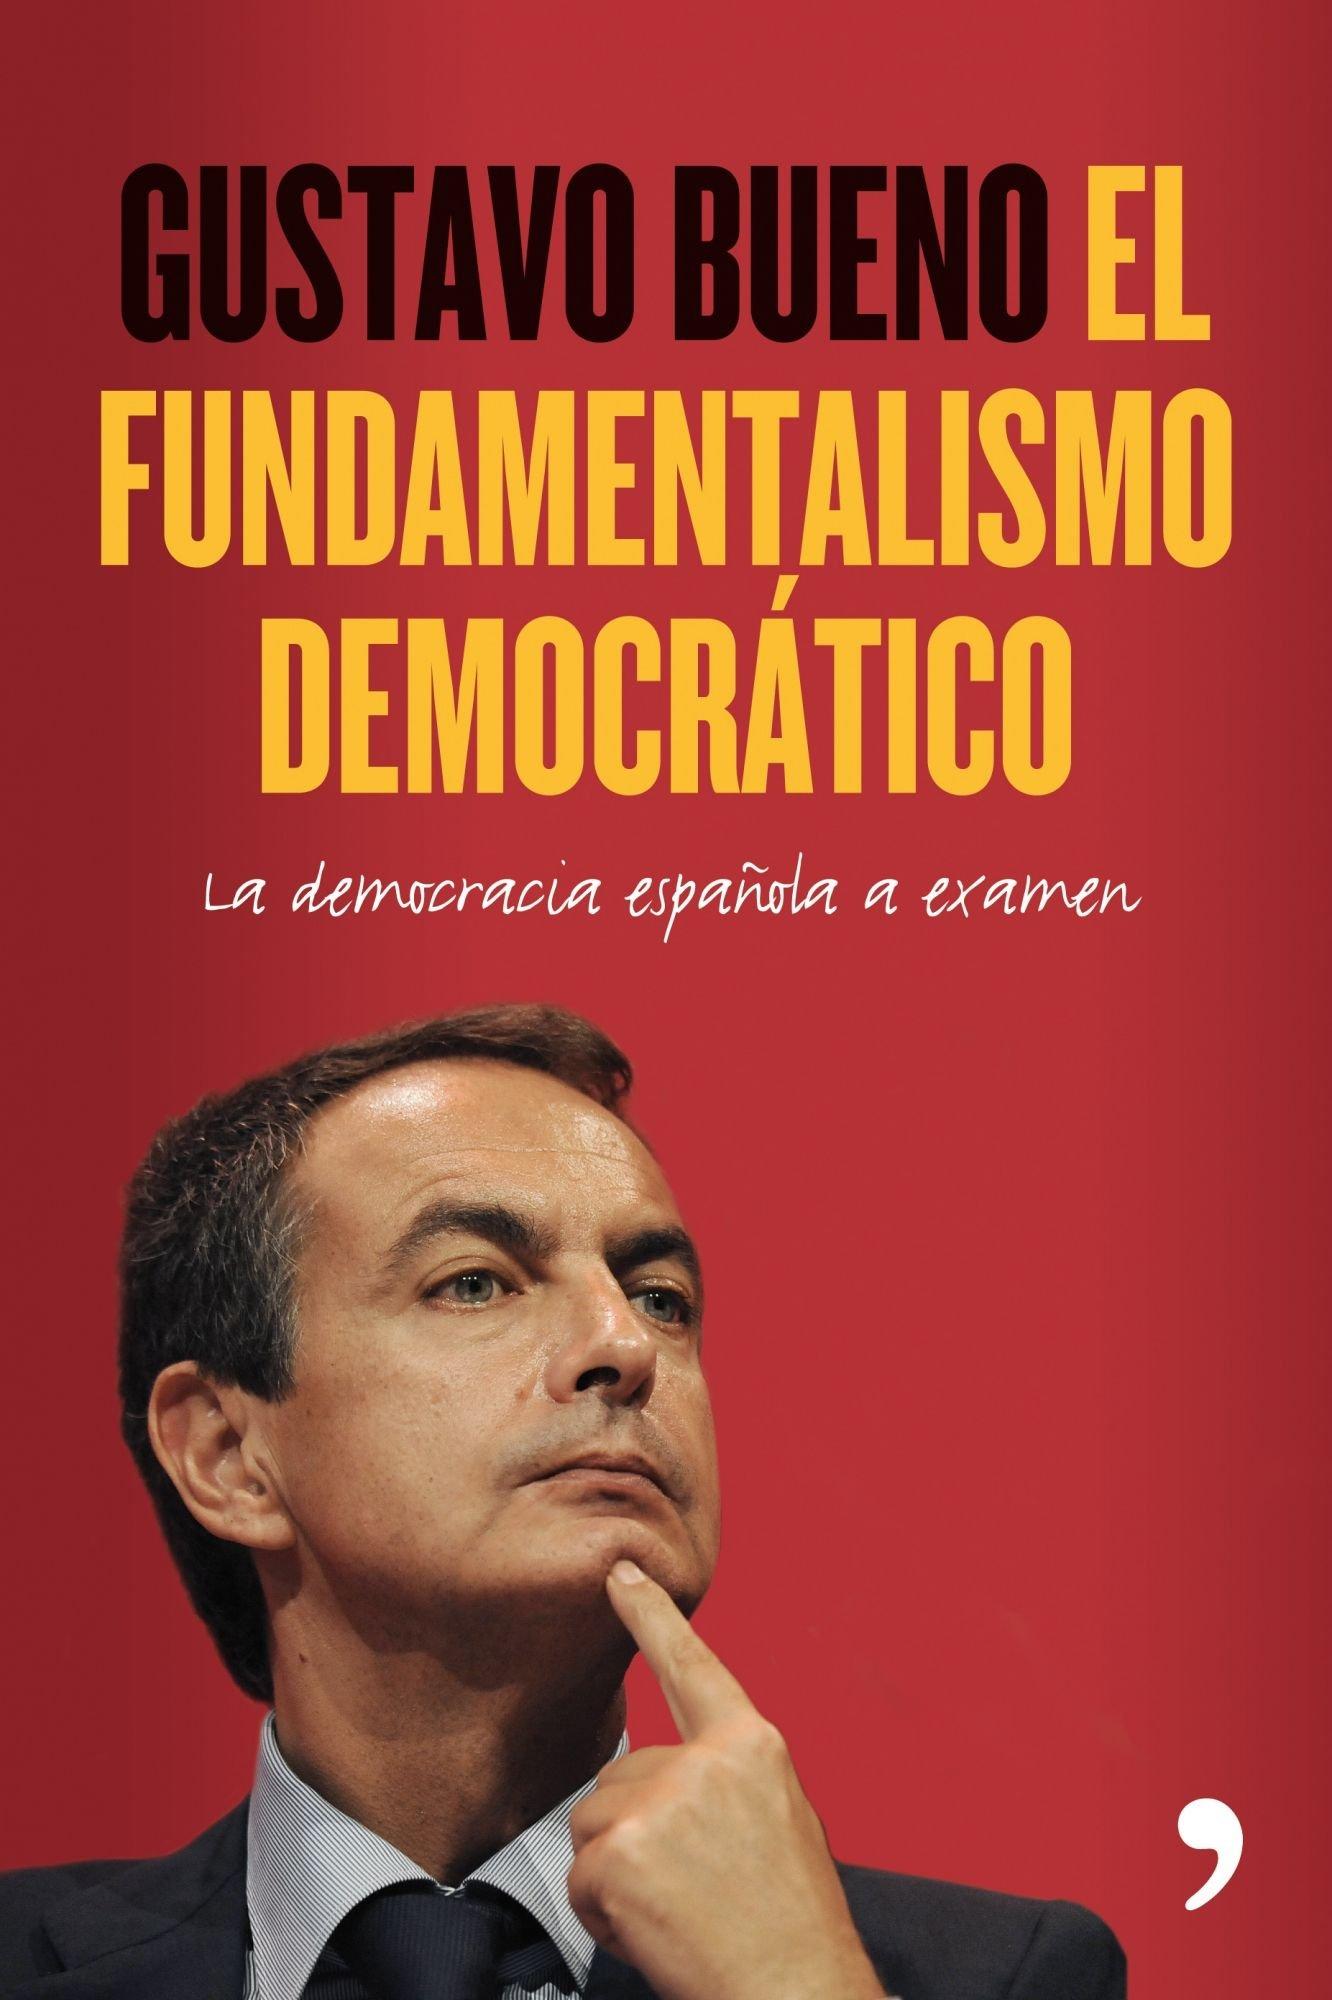 El fundamentalismo democrático (Artículo 20): Amazon.es: Bueno, Gustavo: Libros